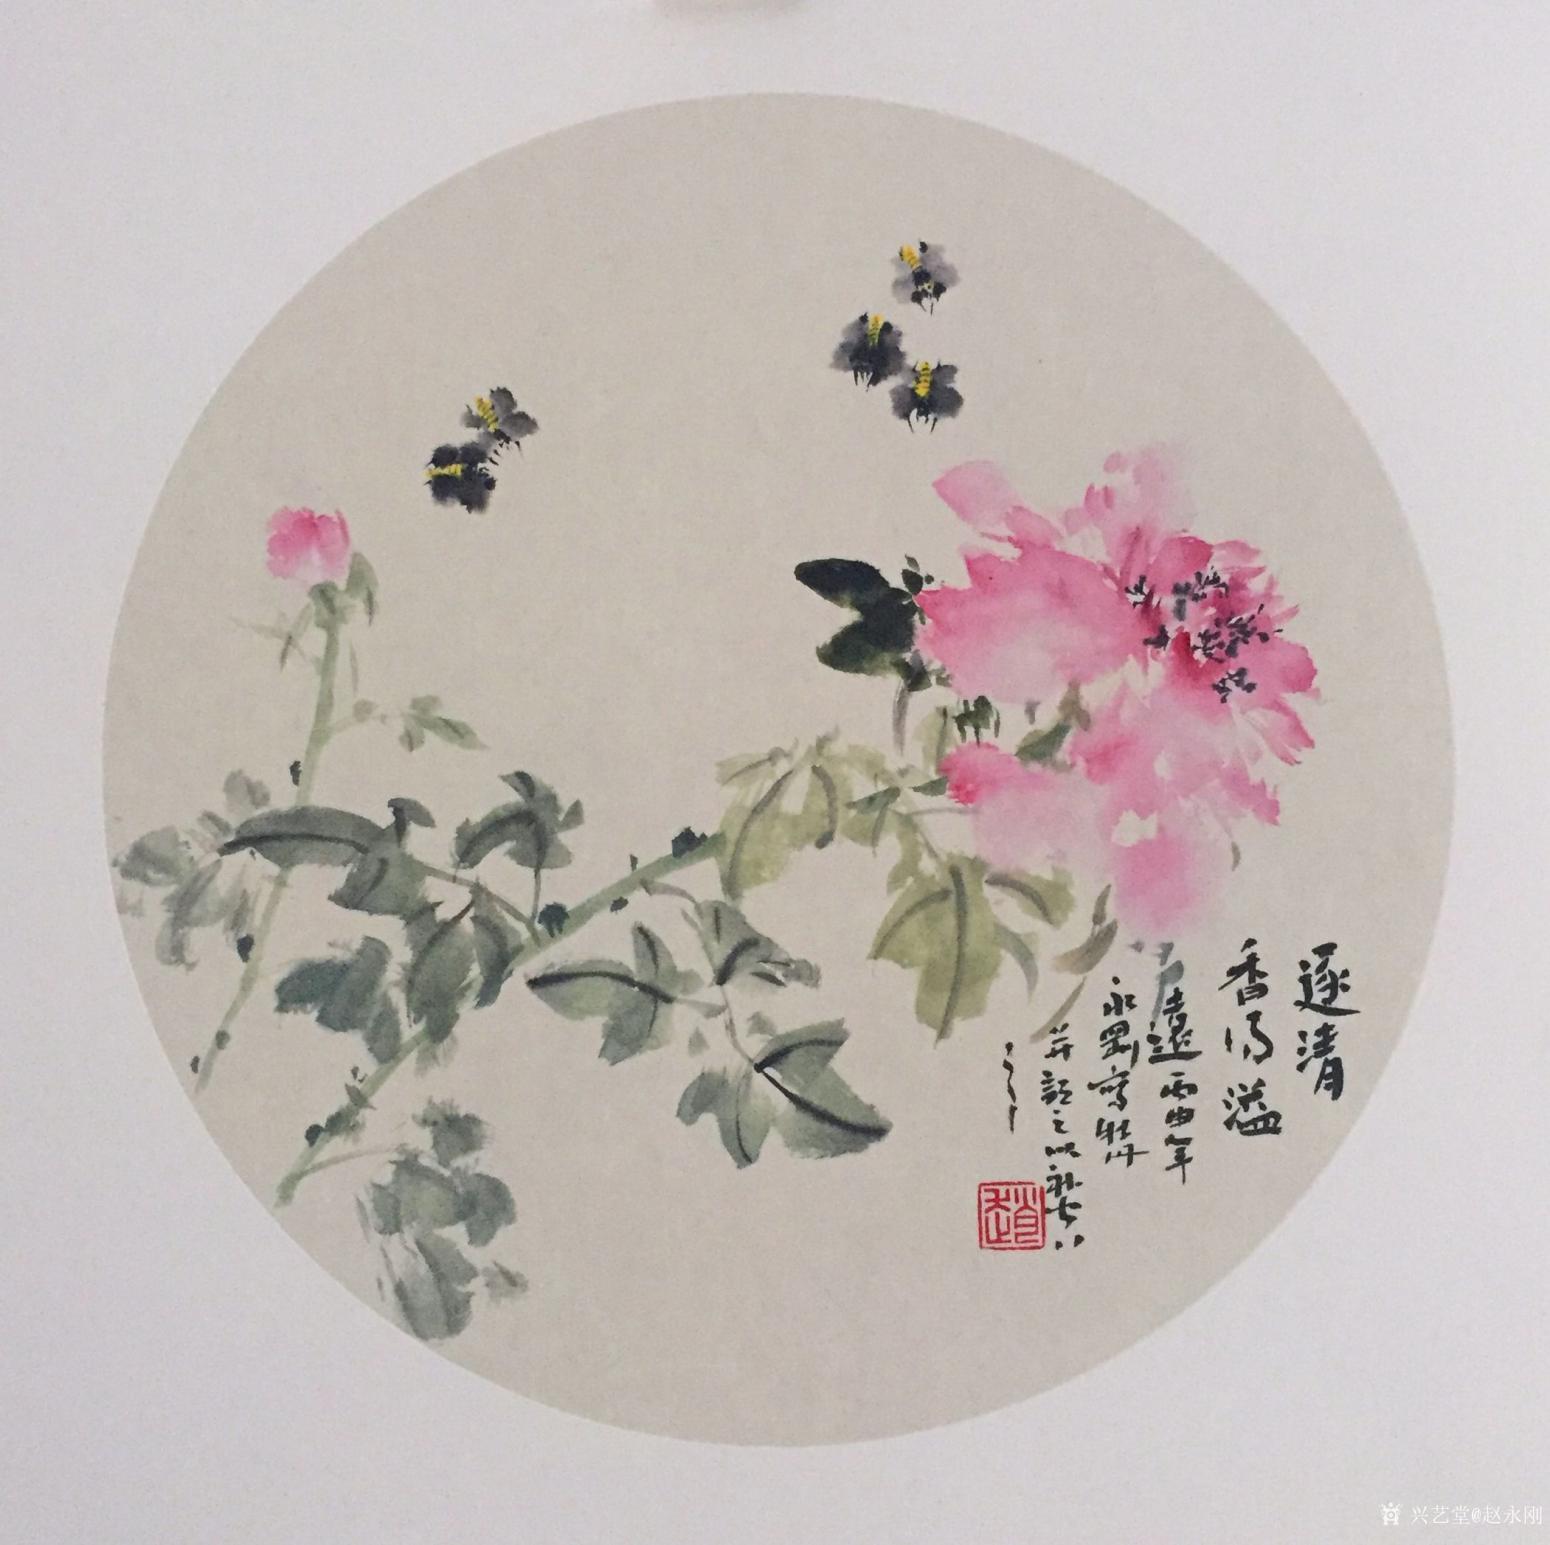 赵永刚国画作品《清香》